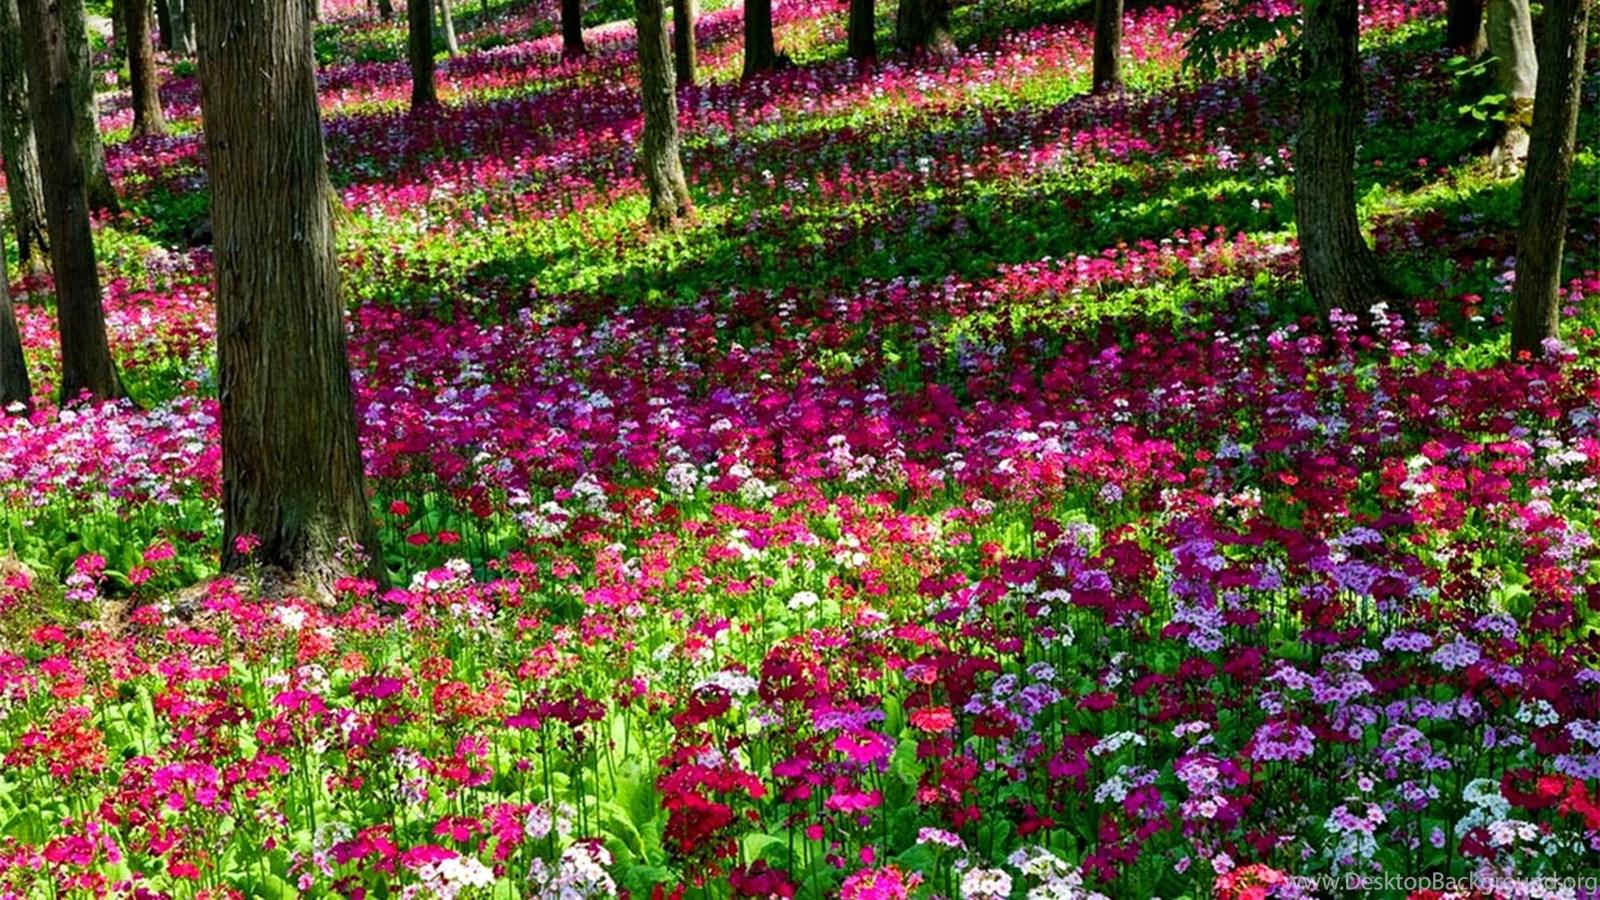 Flower Garden Flower Garden Wallpapers Sky HD Wallpaper, 32